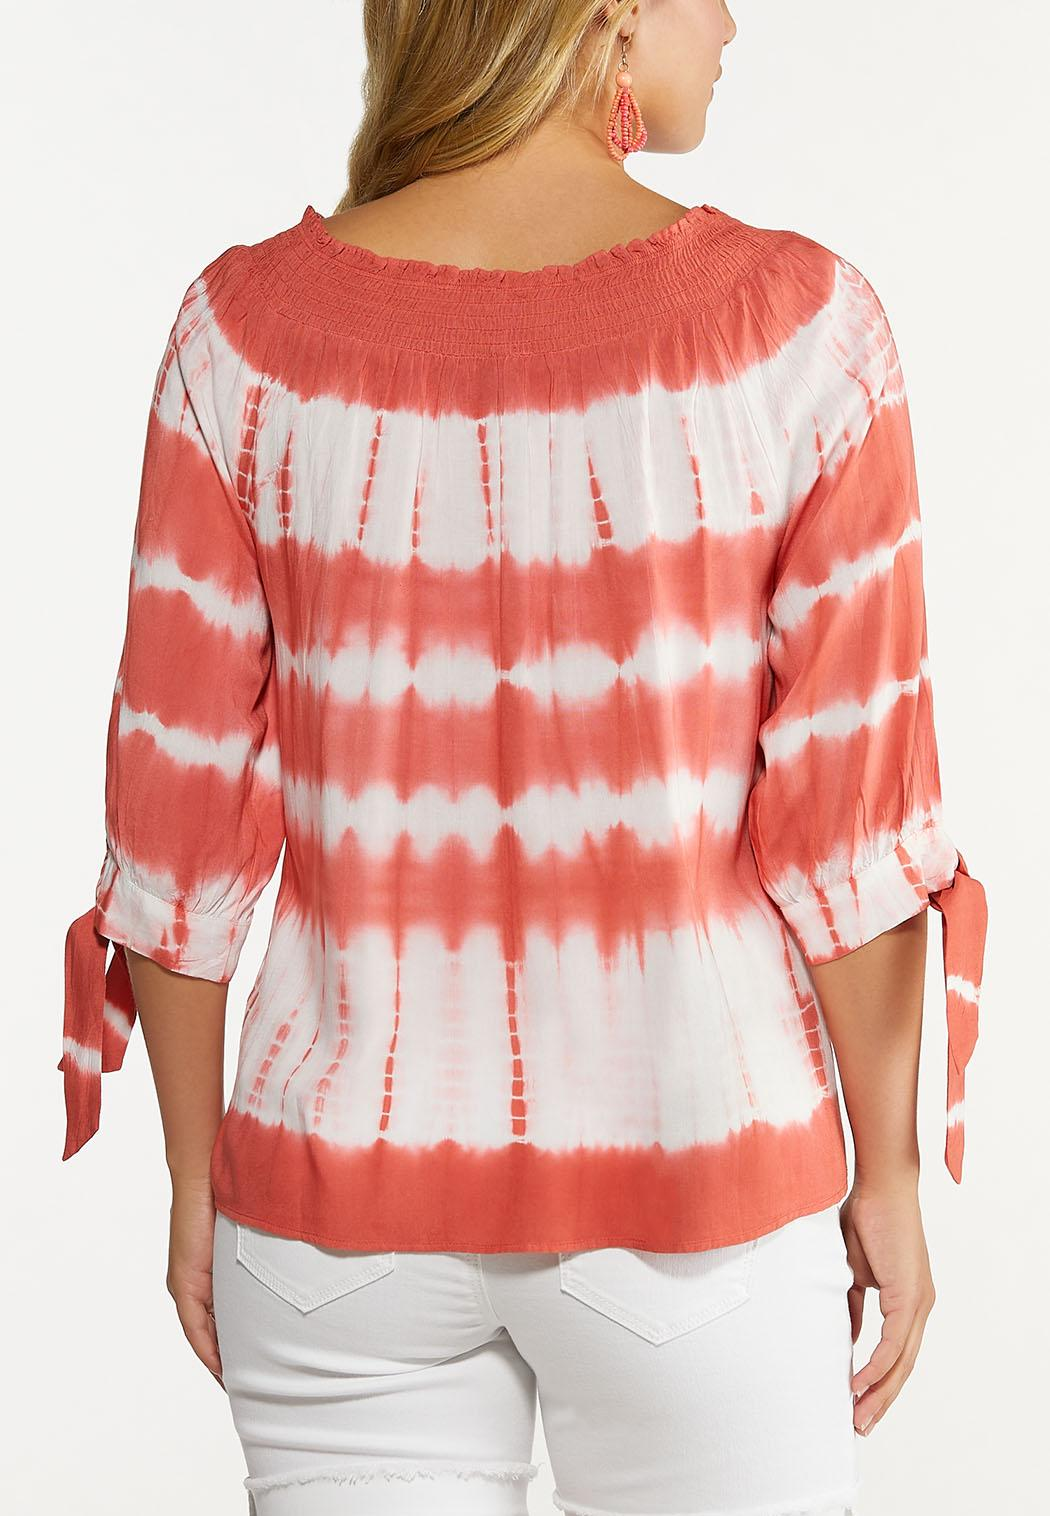 Coral Tie Dye Poet Top (Item #44640907)